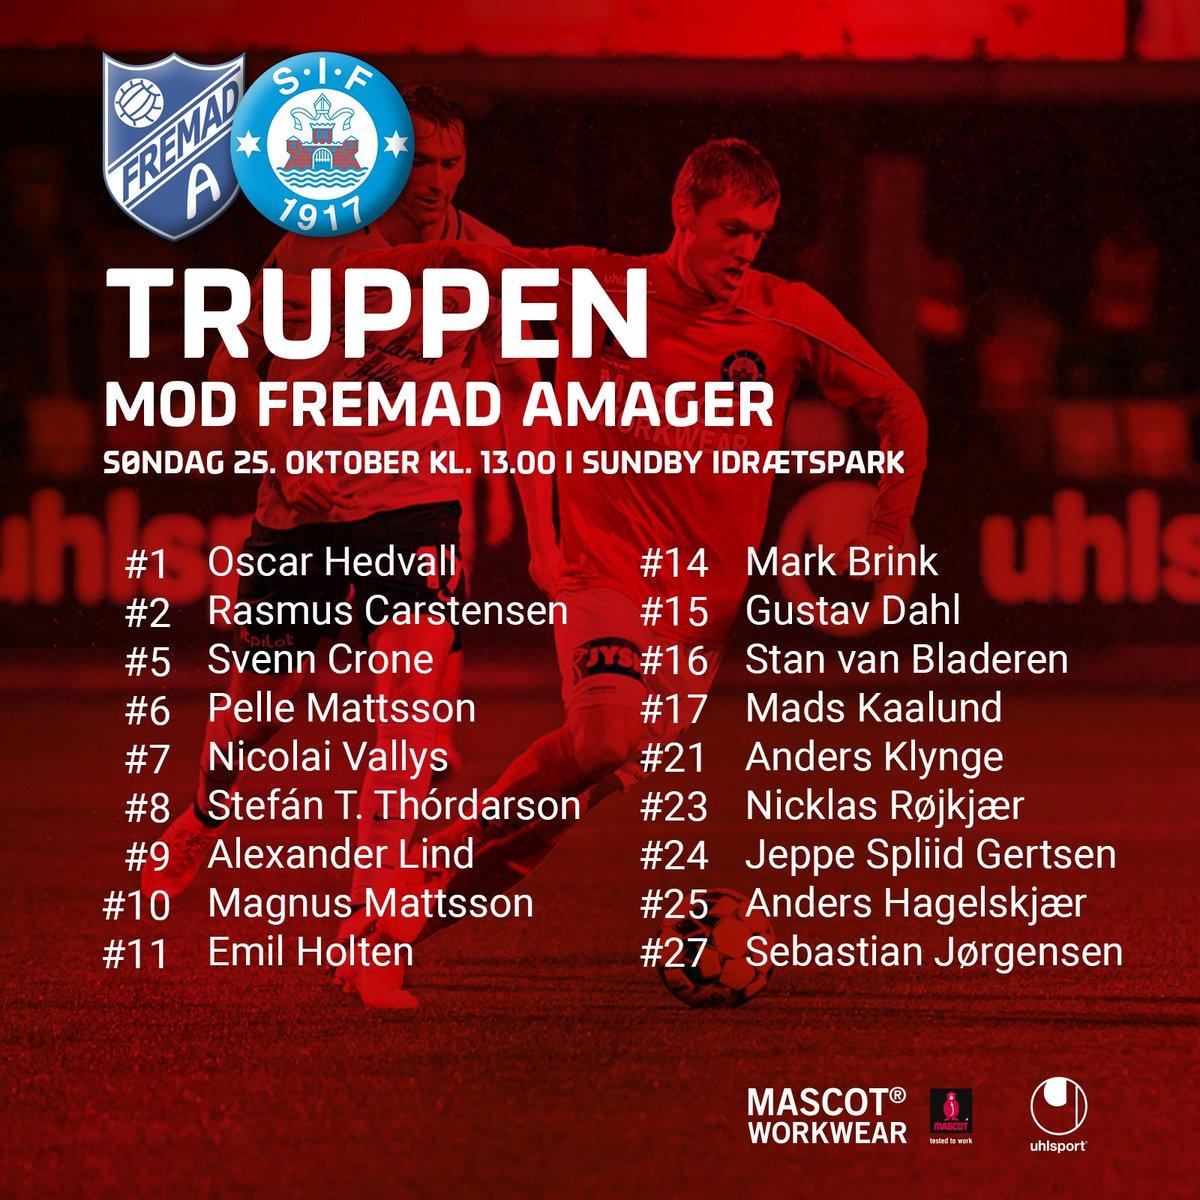 Kent Nielsen har udtaget 18 spillere til søndagens kamp i Sundby Idrætspark. Det er samme trup, som i torsdags mod Viborg. Kampen spilles kl. 13.00 og kan streames på Viaplay. #frasif #1div https://t.co/u06aijV3mt